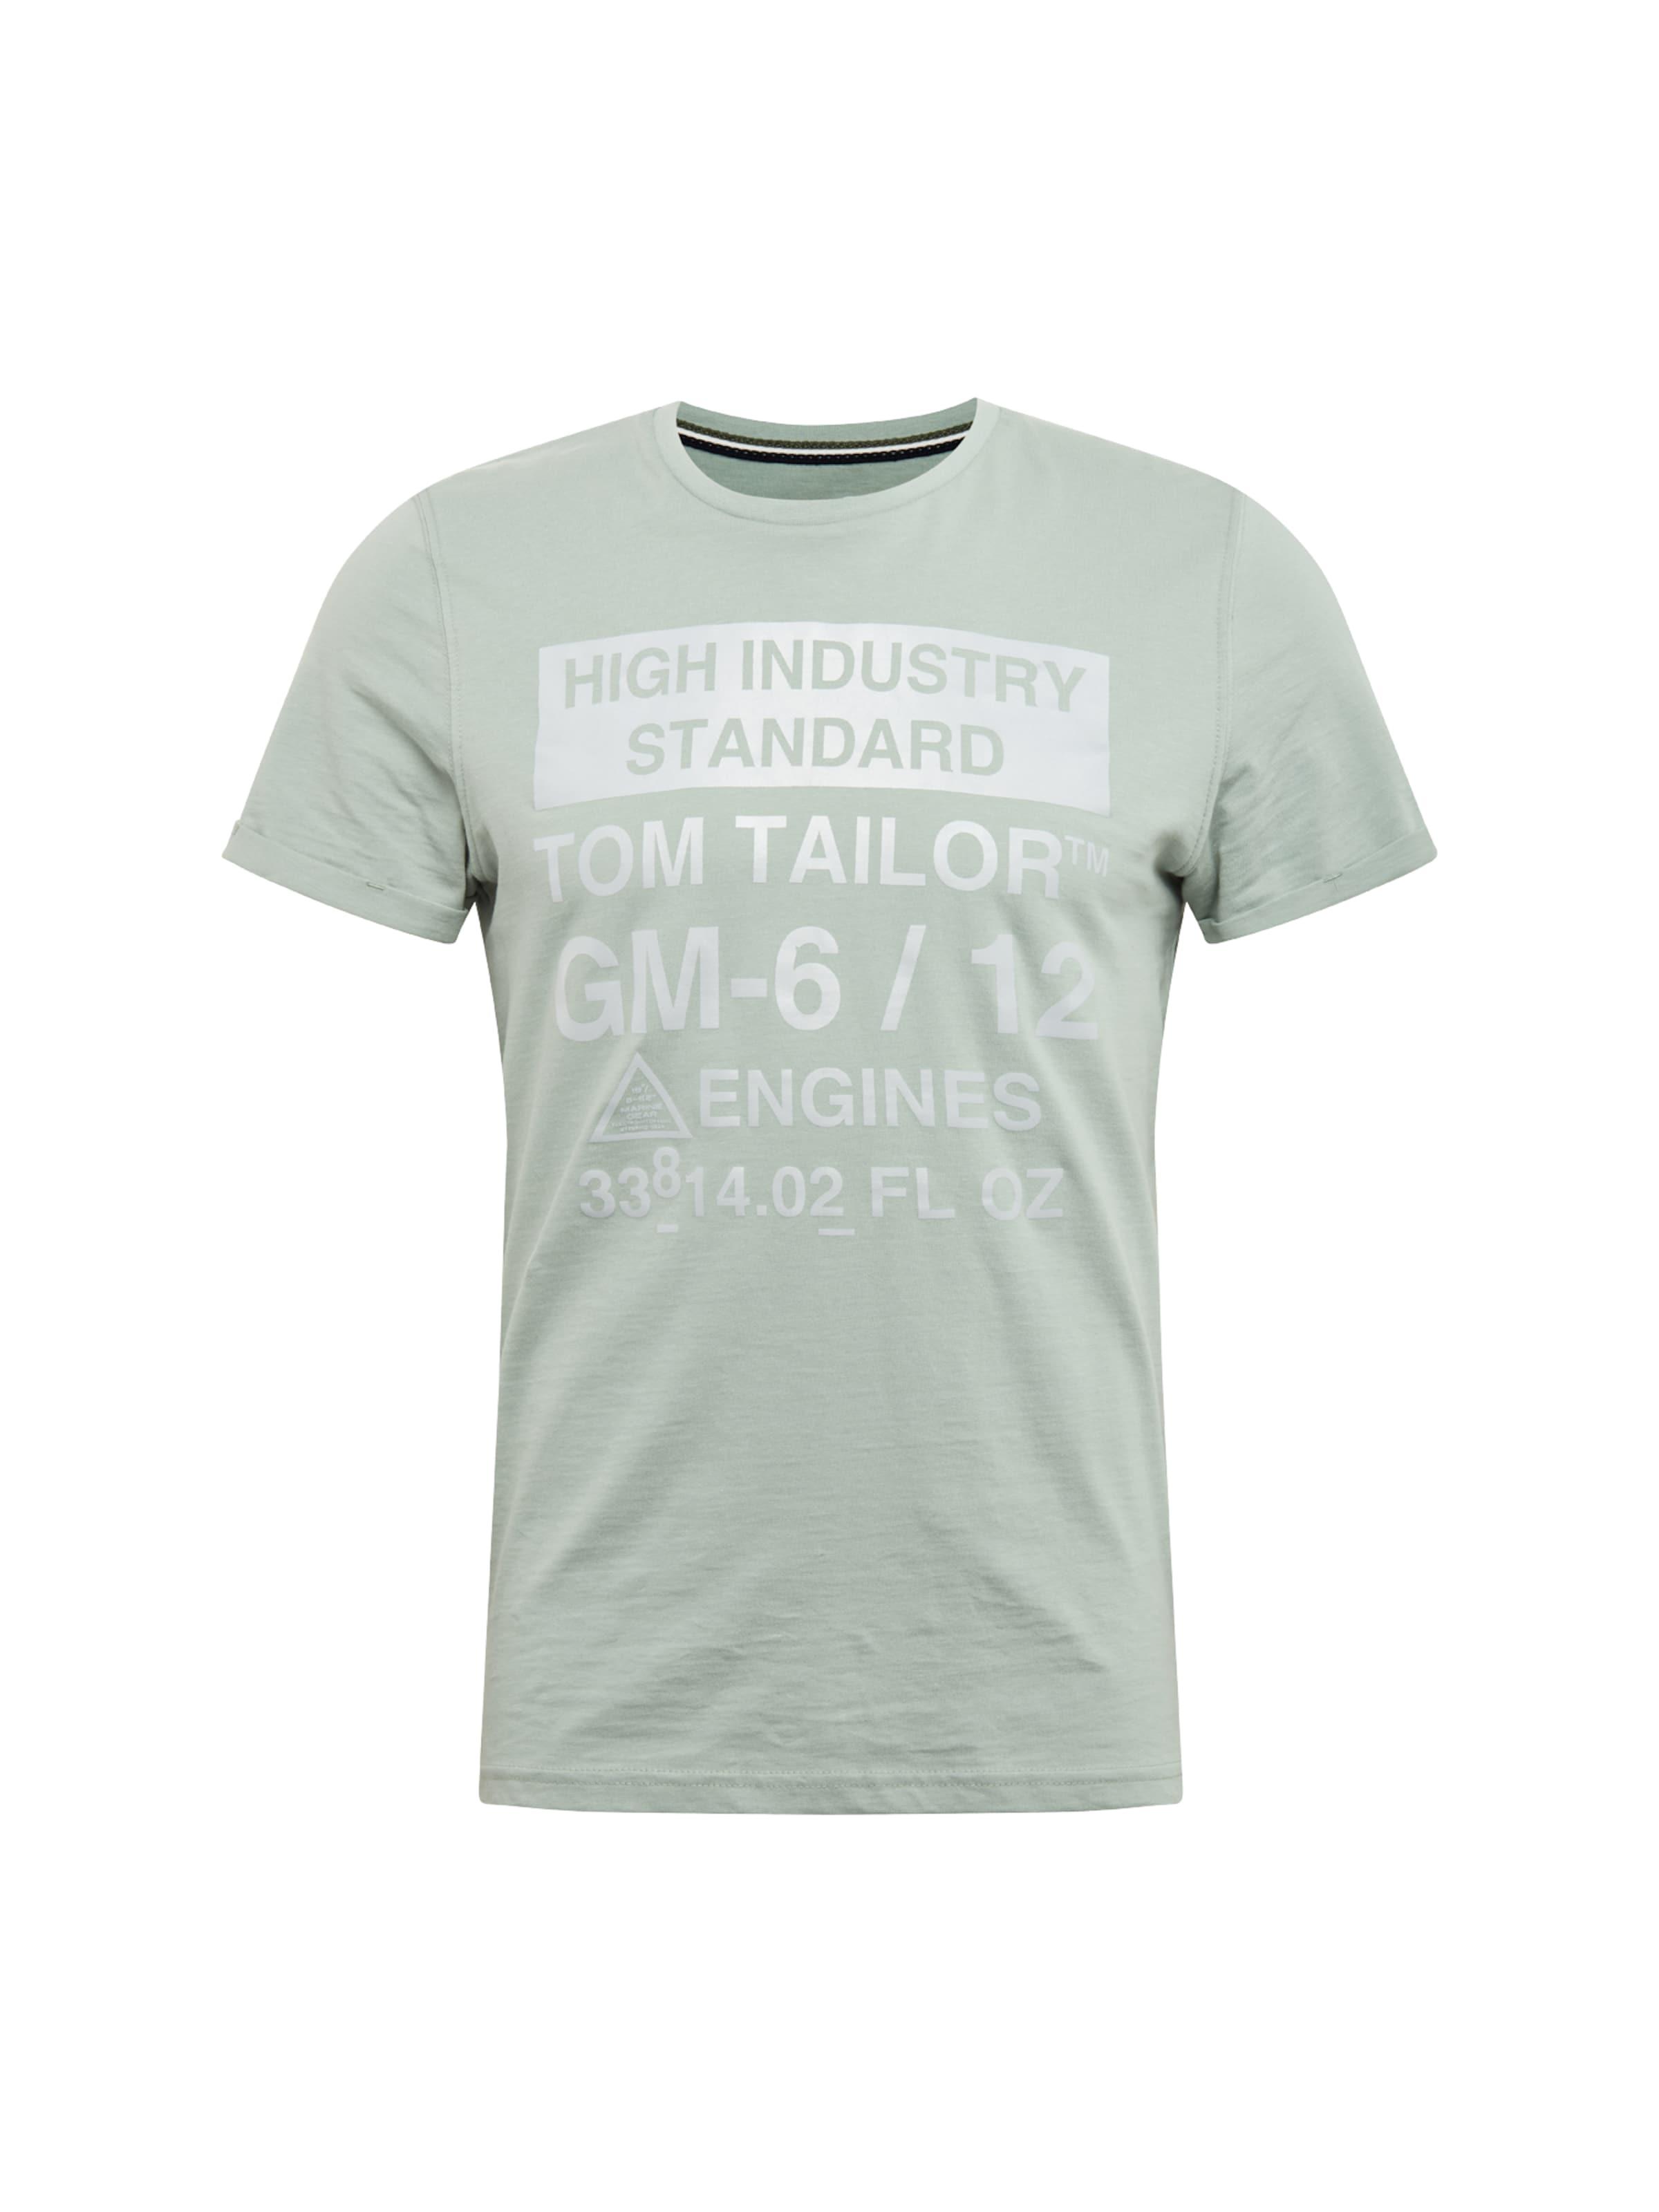 En Menthe shirt Tom T Tailor uZiPXOk